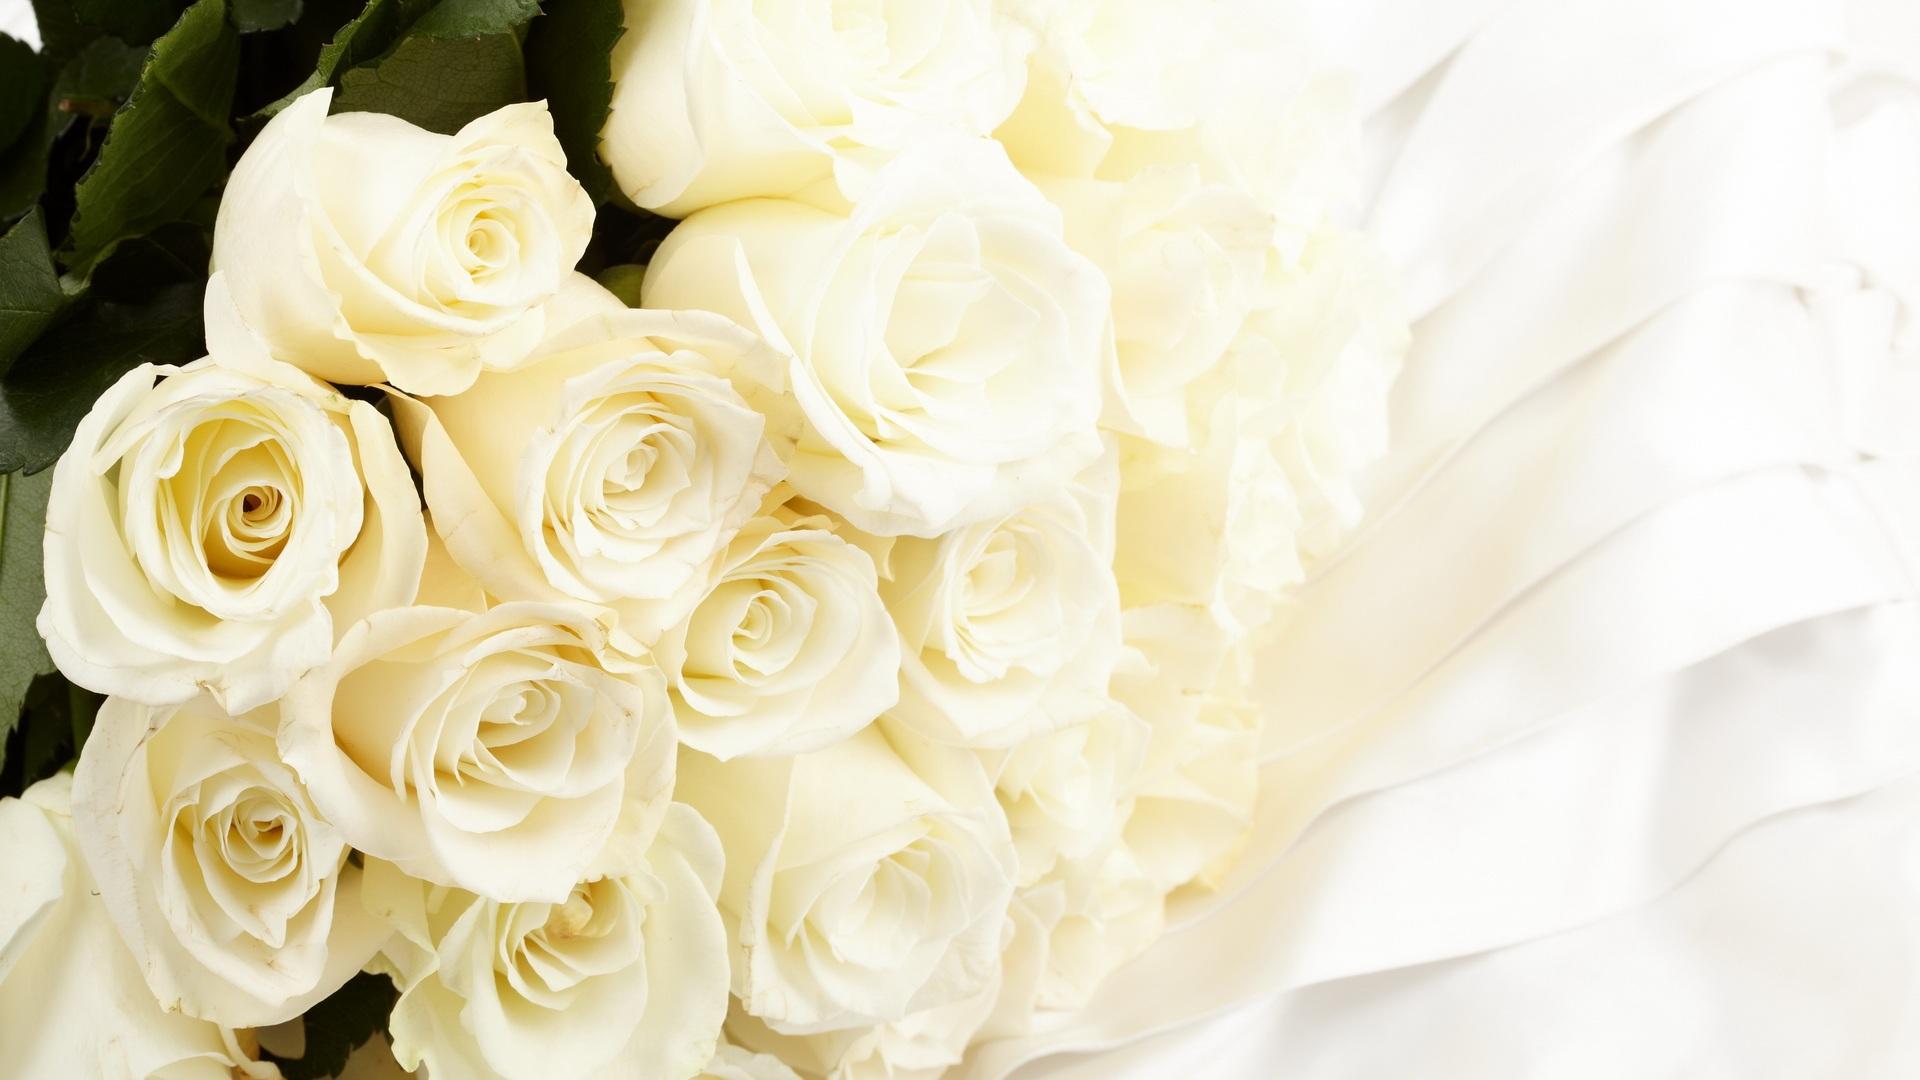 бежевые розы обои на рабочий стол № 51785 бесплатно